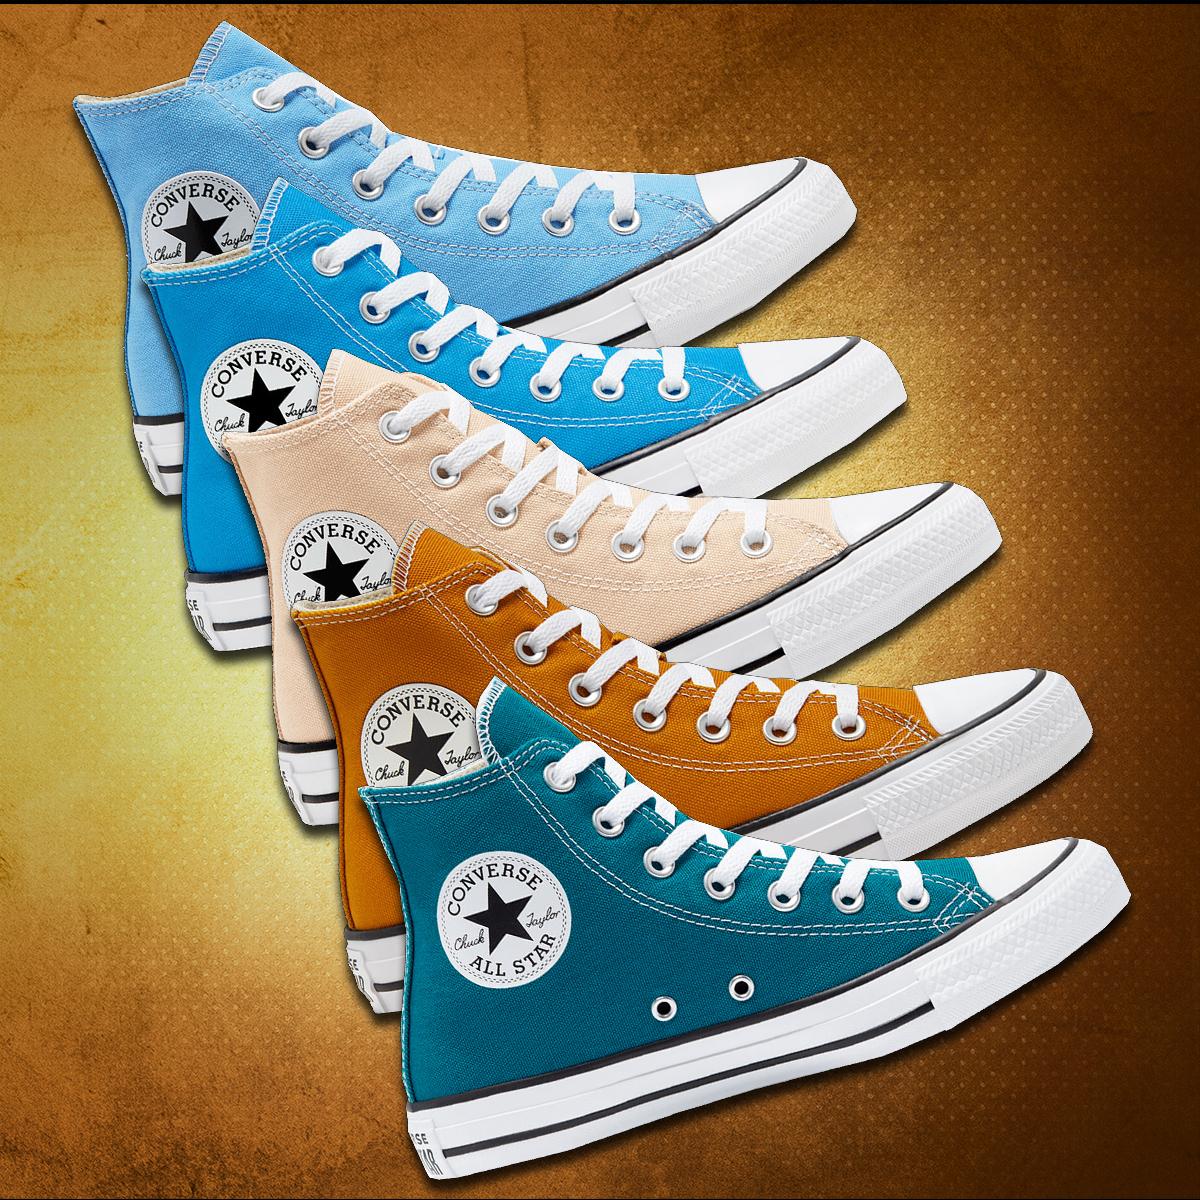 Converse Freizeitschuh Chuck Taylor All Star High Top in 4 Farben und